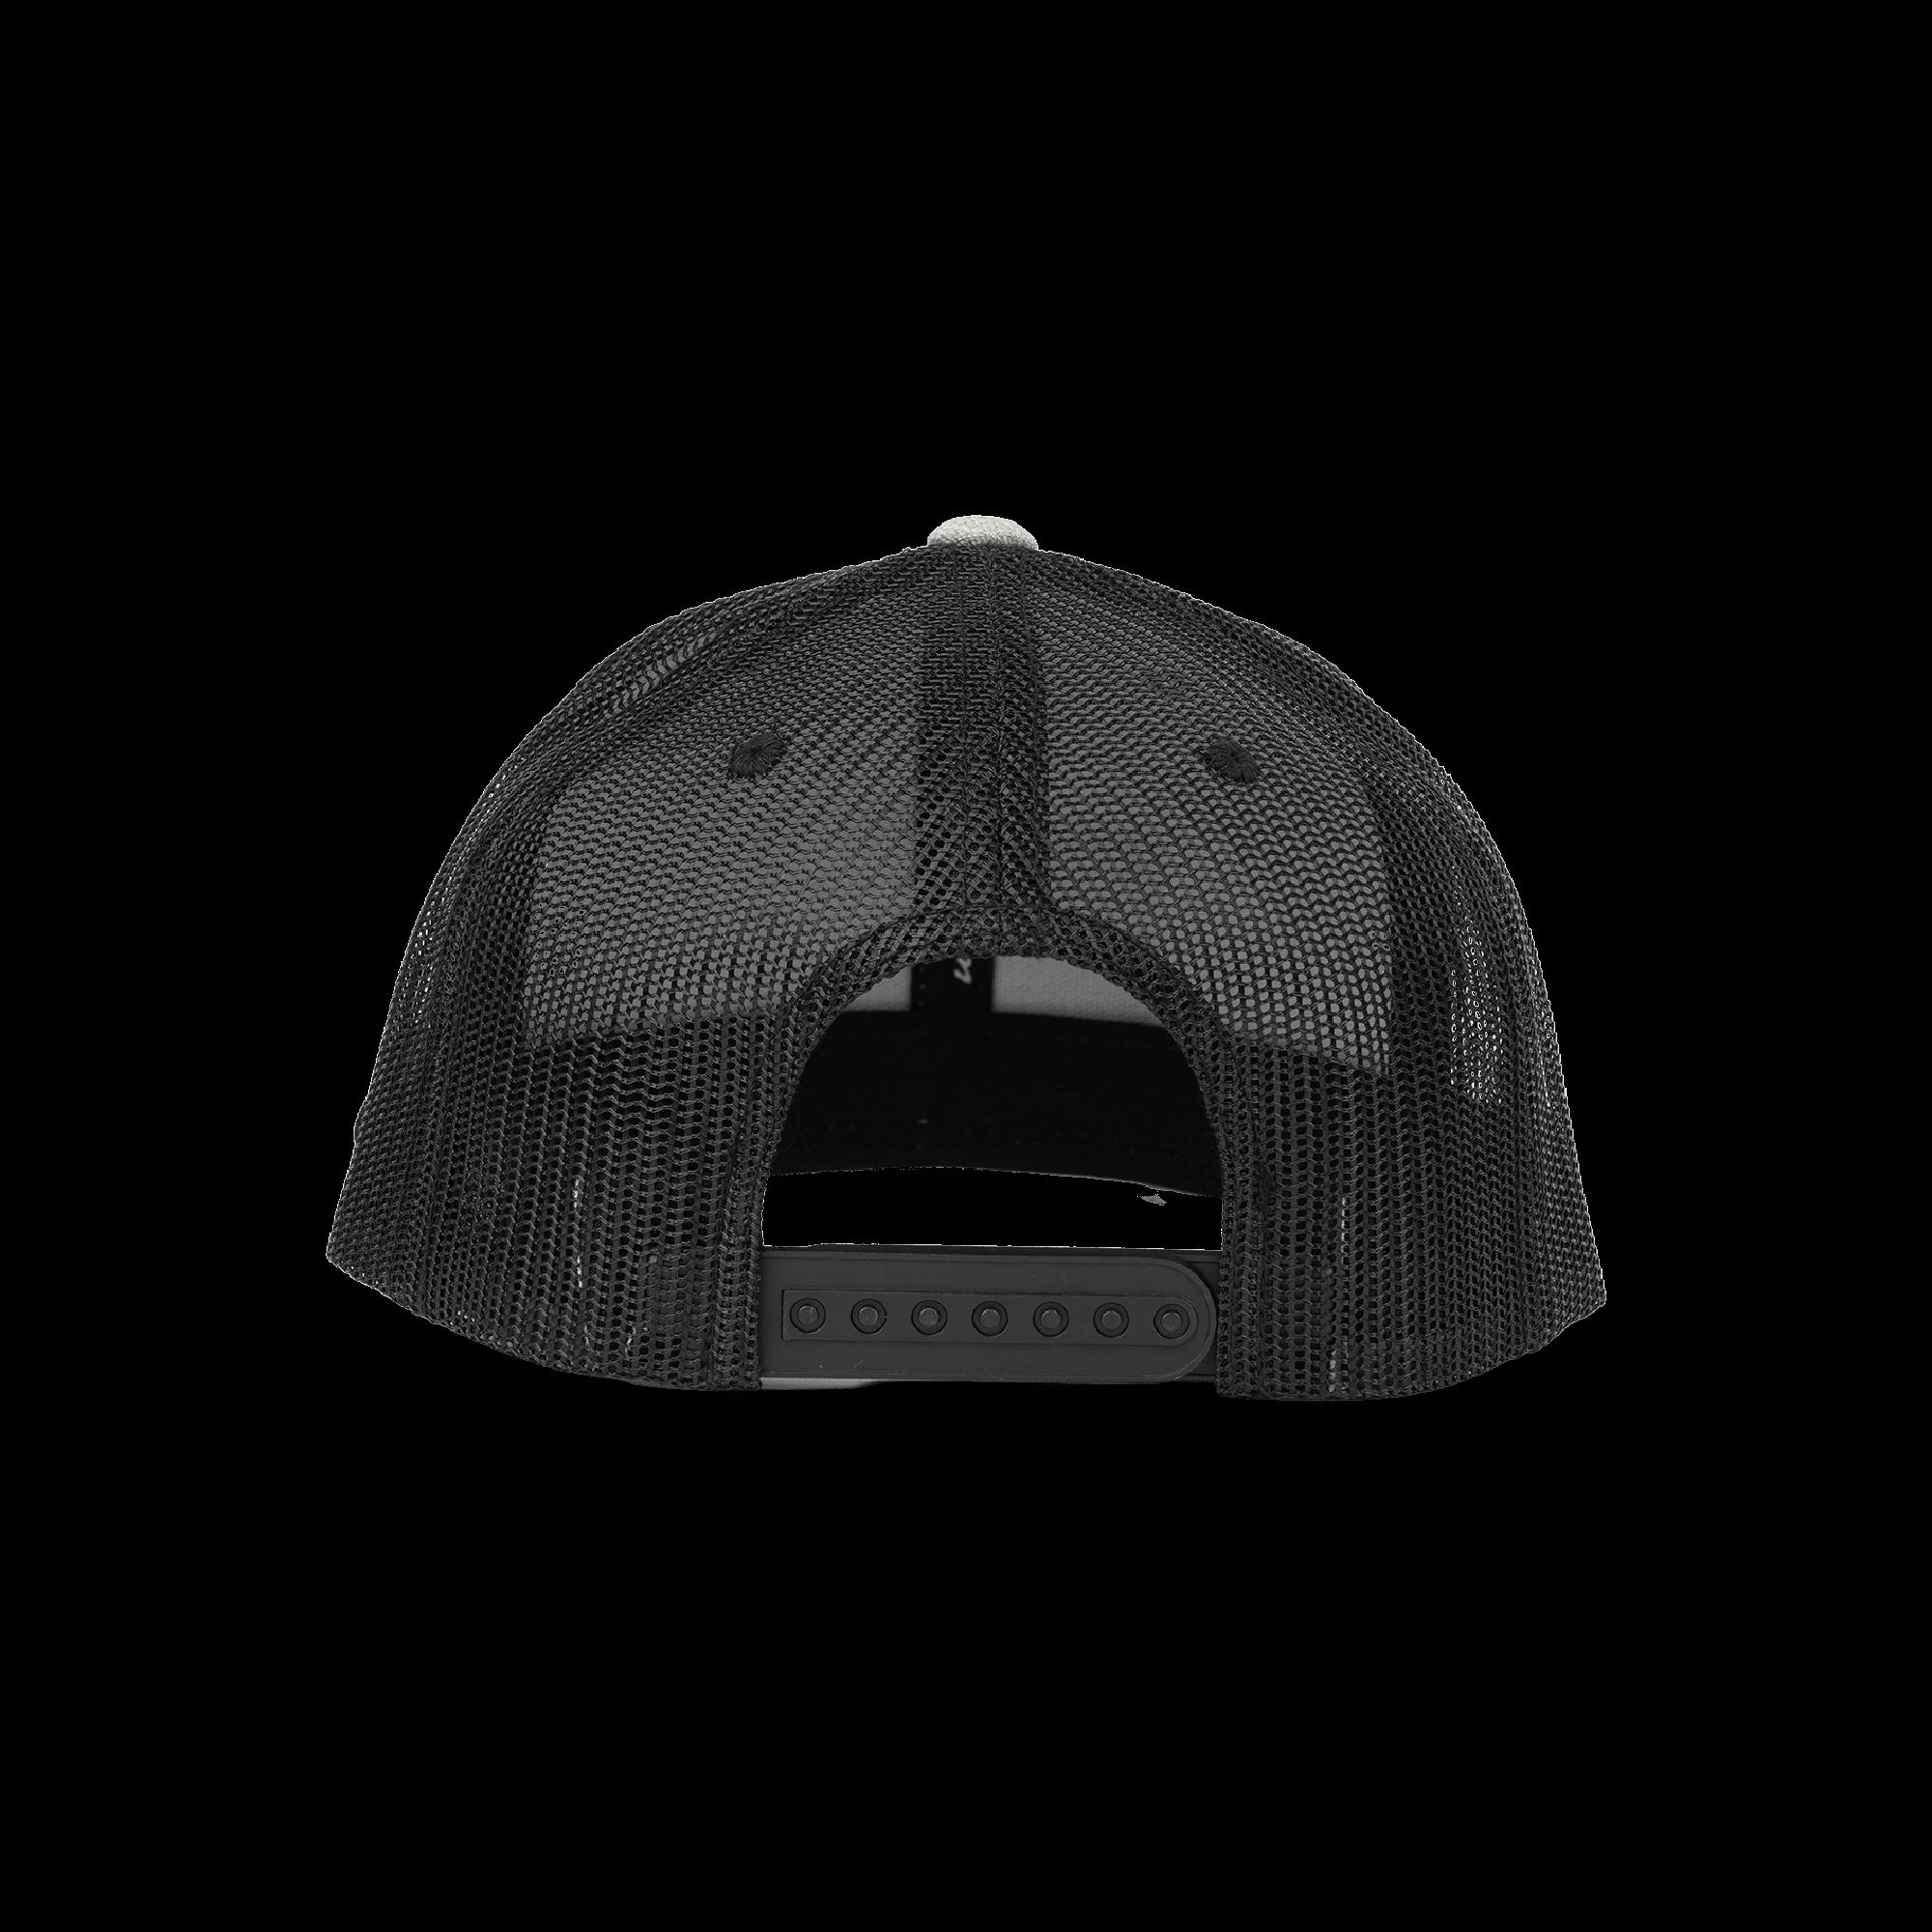 Hat_5.3_geuz79